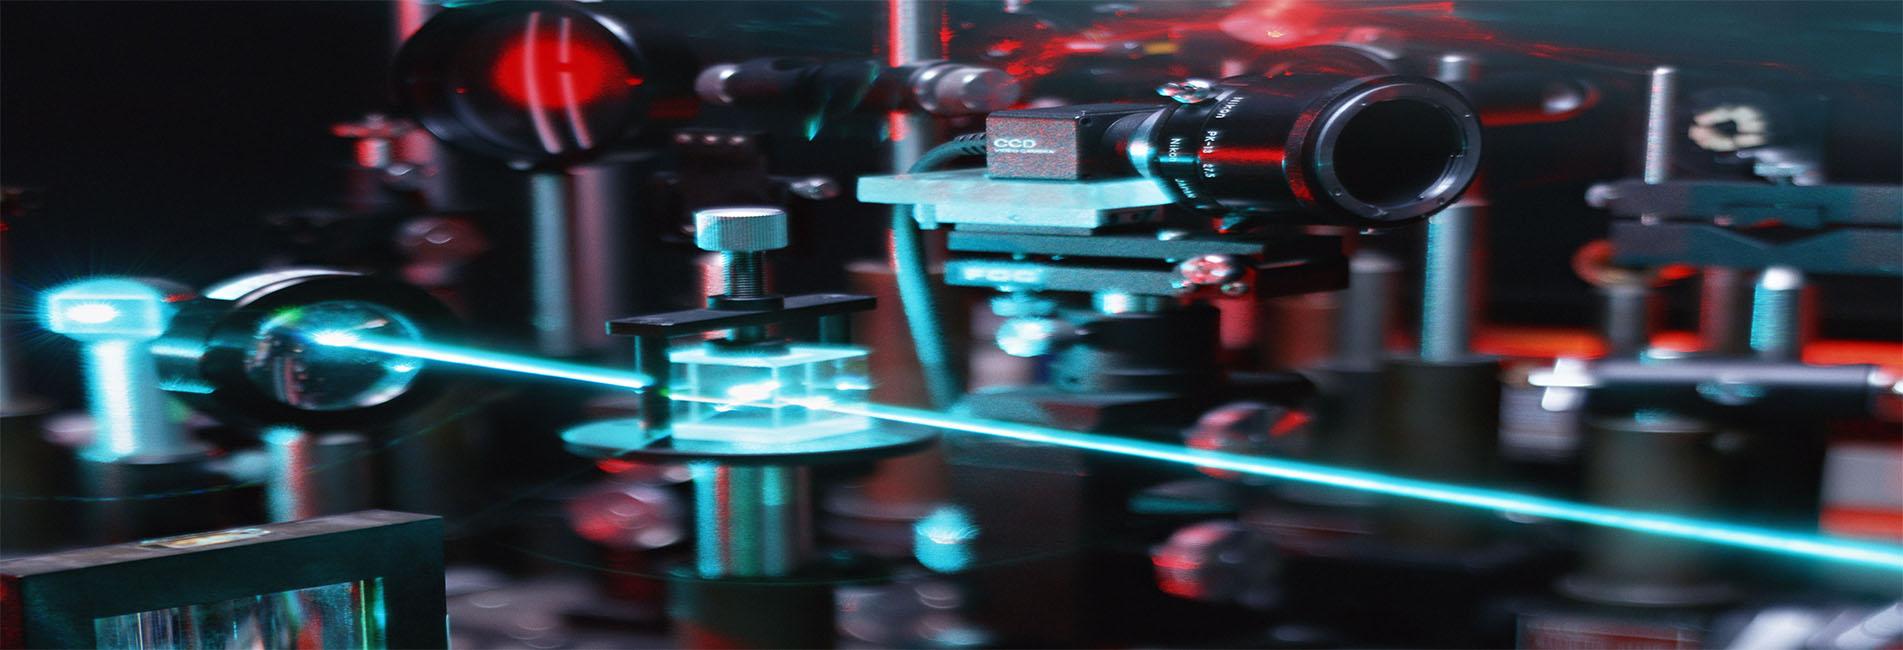 激光打标的工艺指南